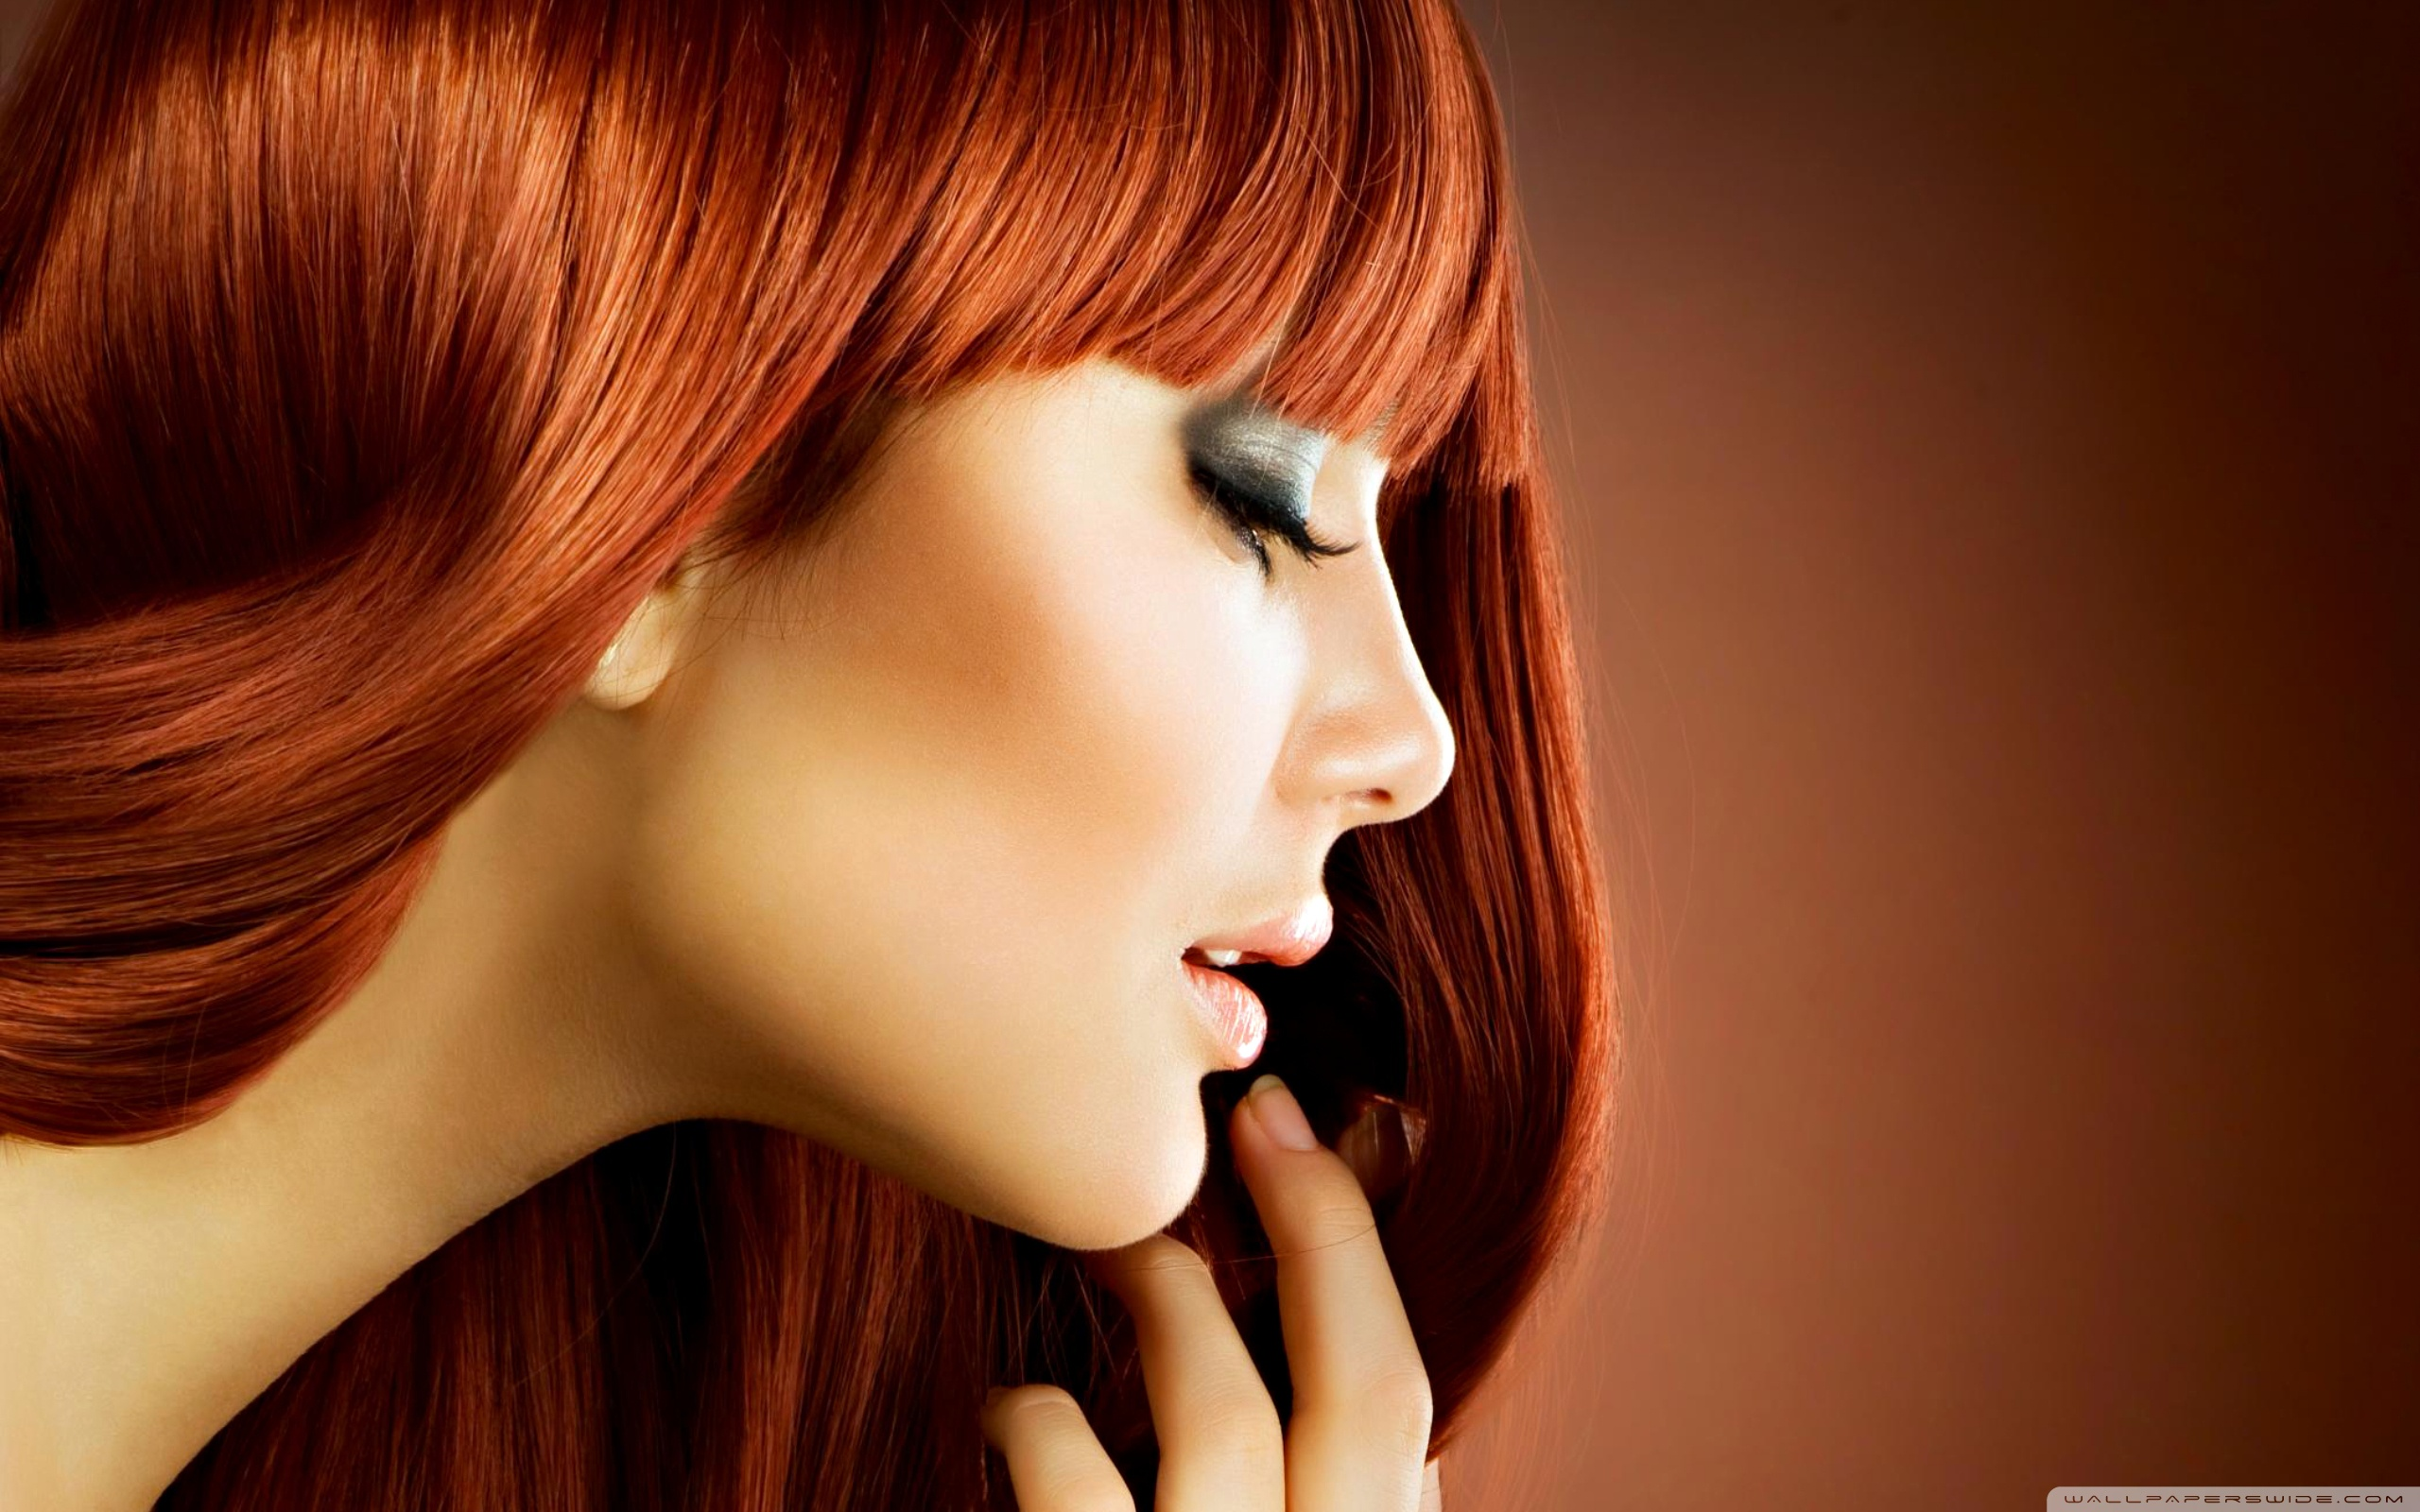 Hair Salon Ingleburn Rsl